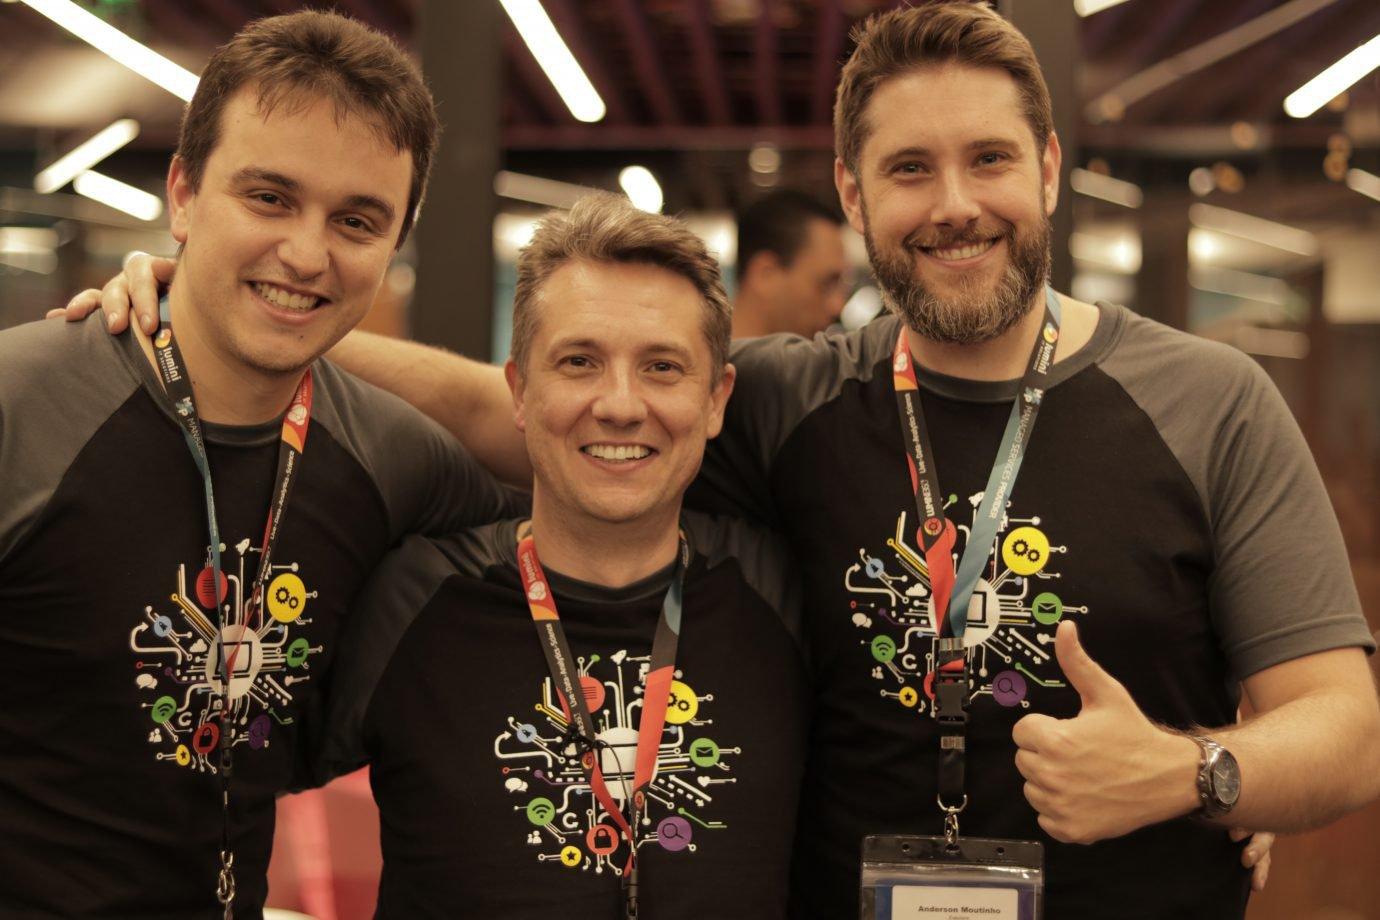 Victor Barros, Erick Moutinho e Anderson Moutinho, da Eskolare